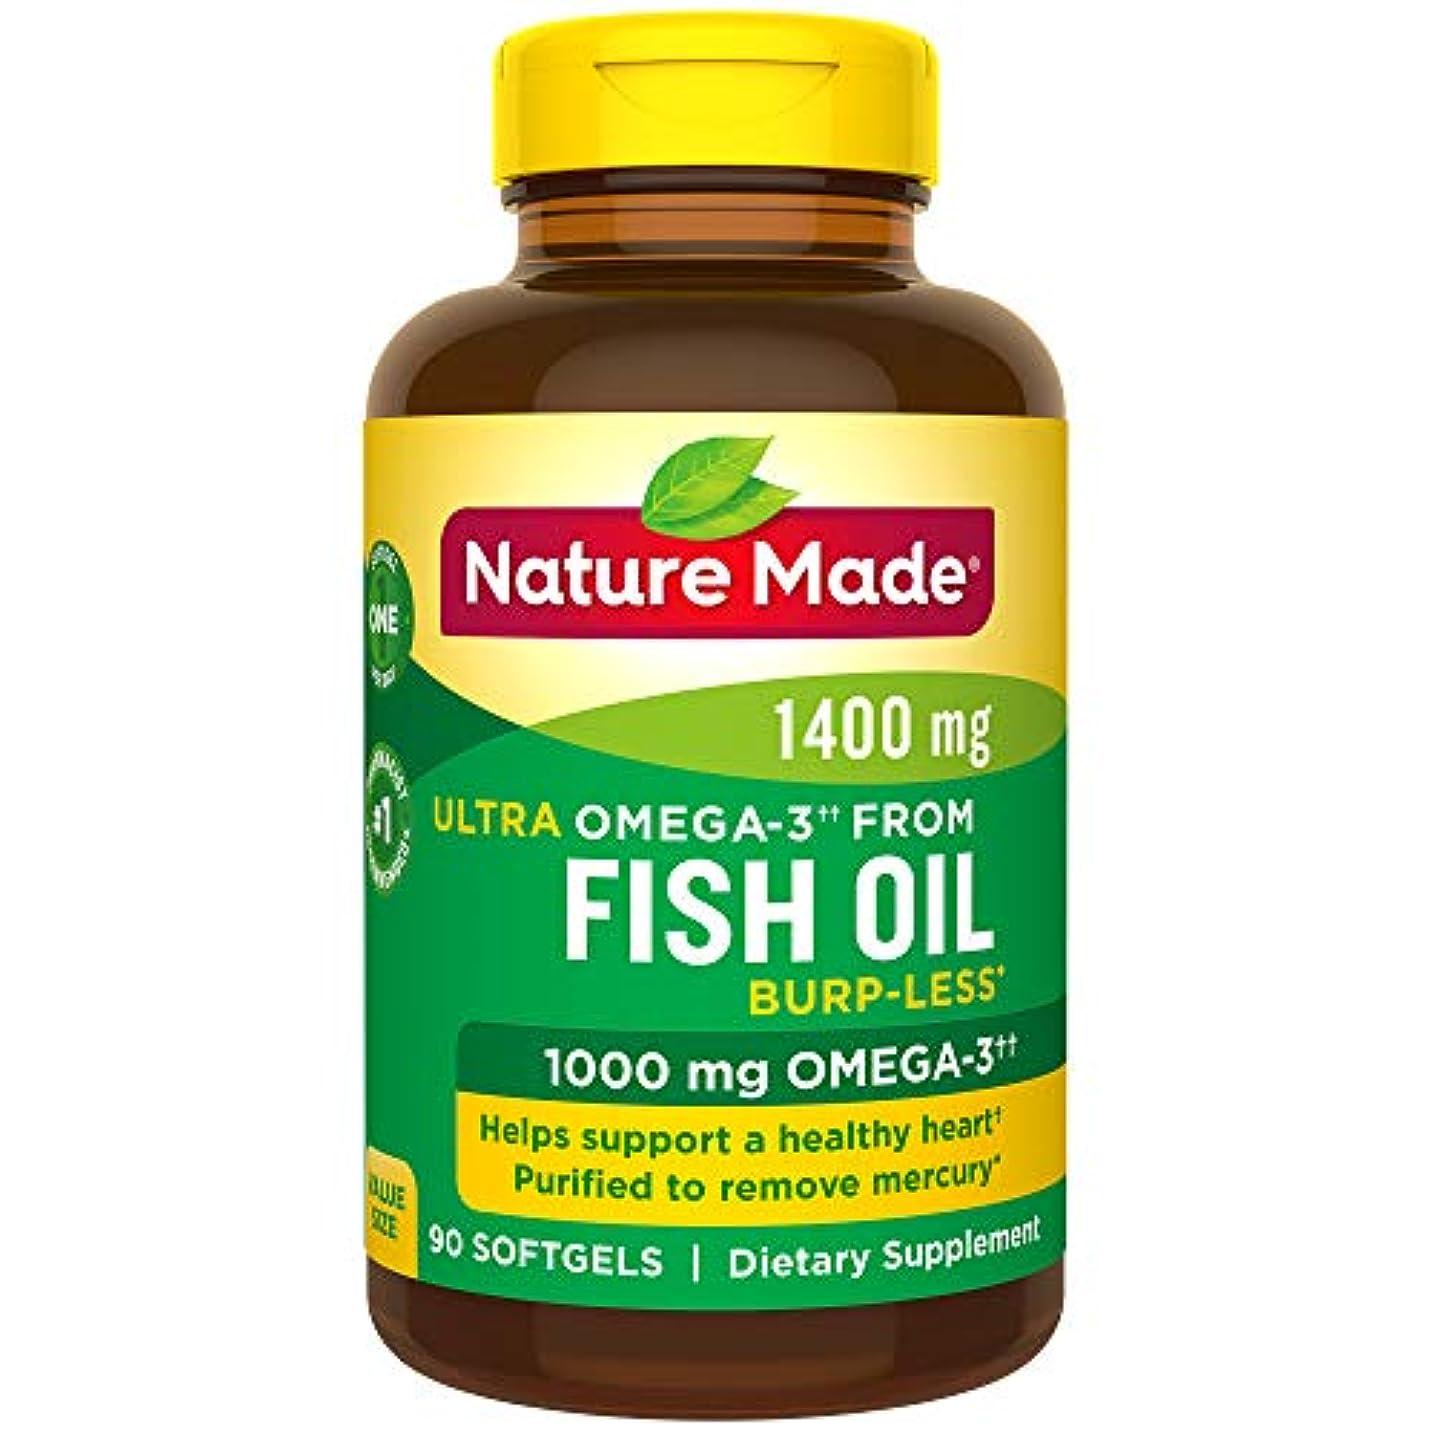 確かなかまど一時的Nature Made Ultra Omega-3 Fish Oil Value Size Softgel, 1400 mg, 90 Count 海外直送品